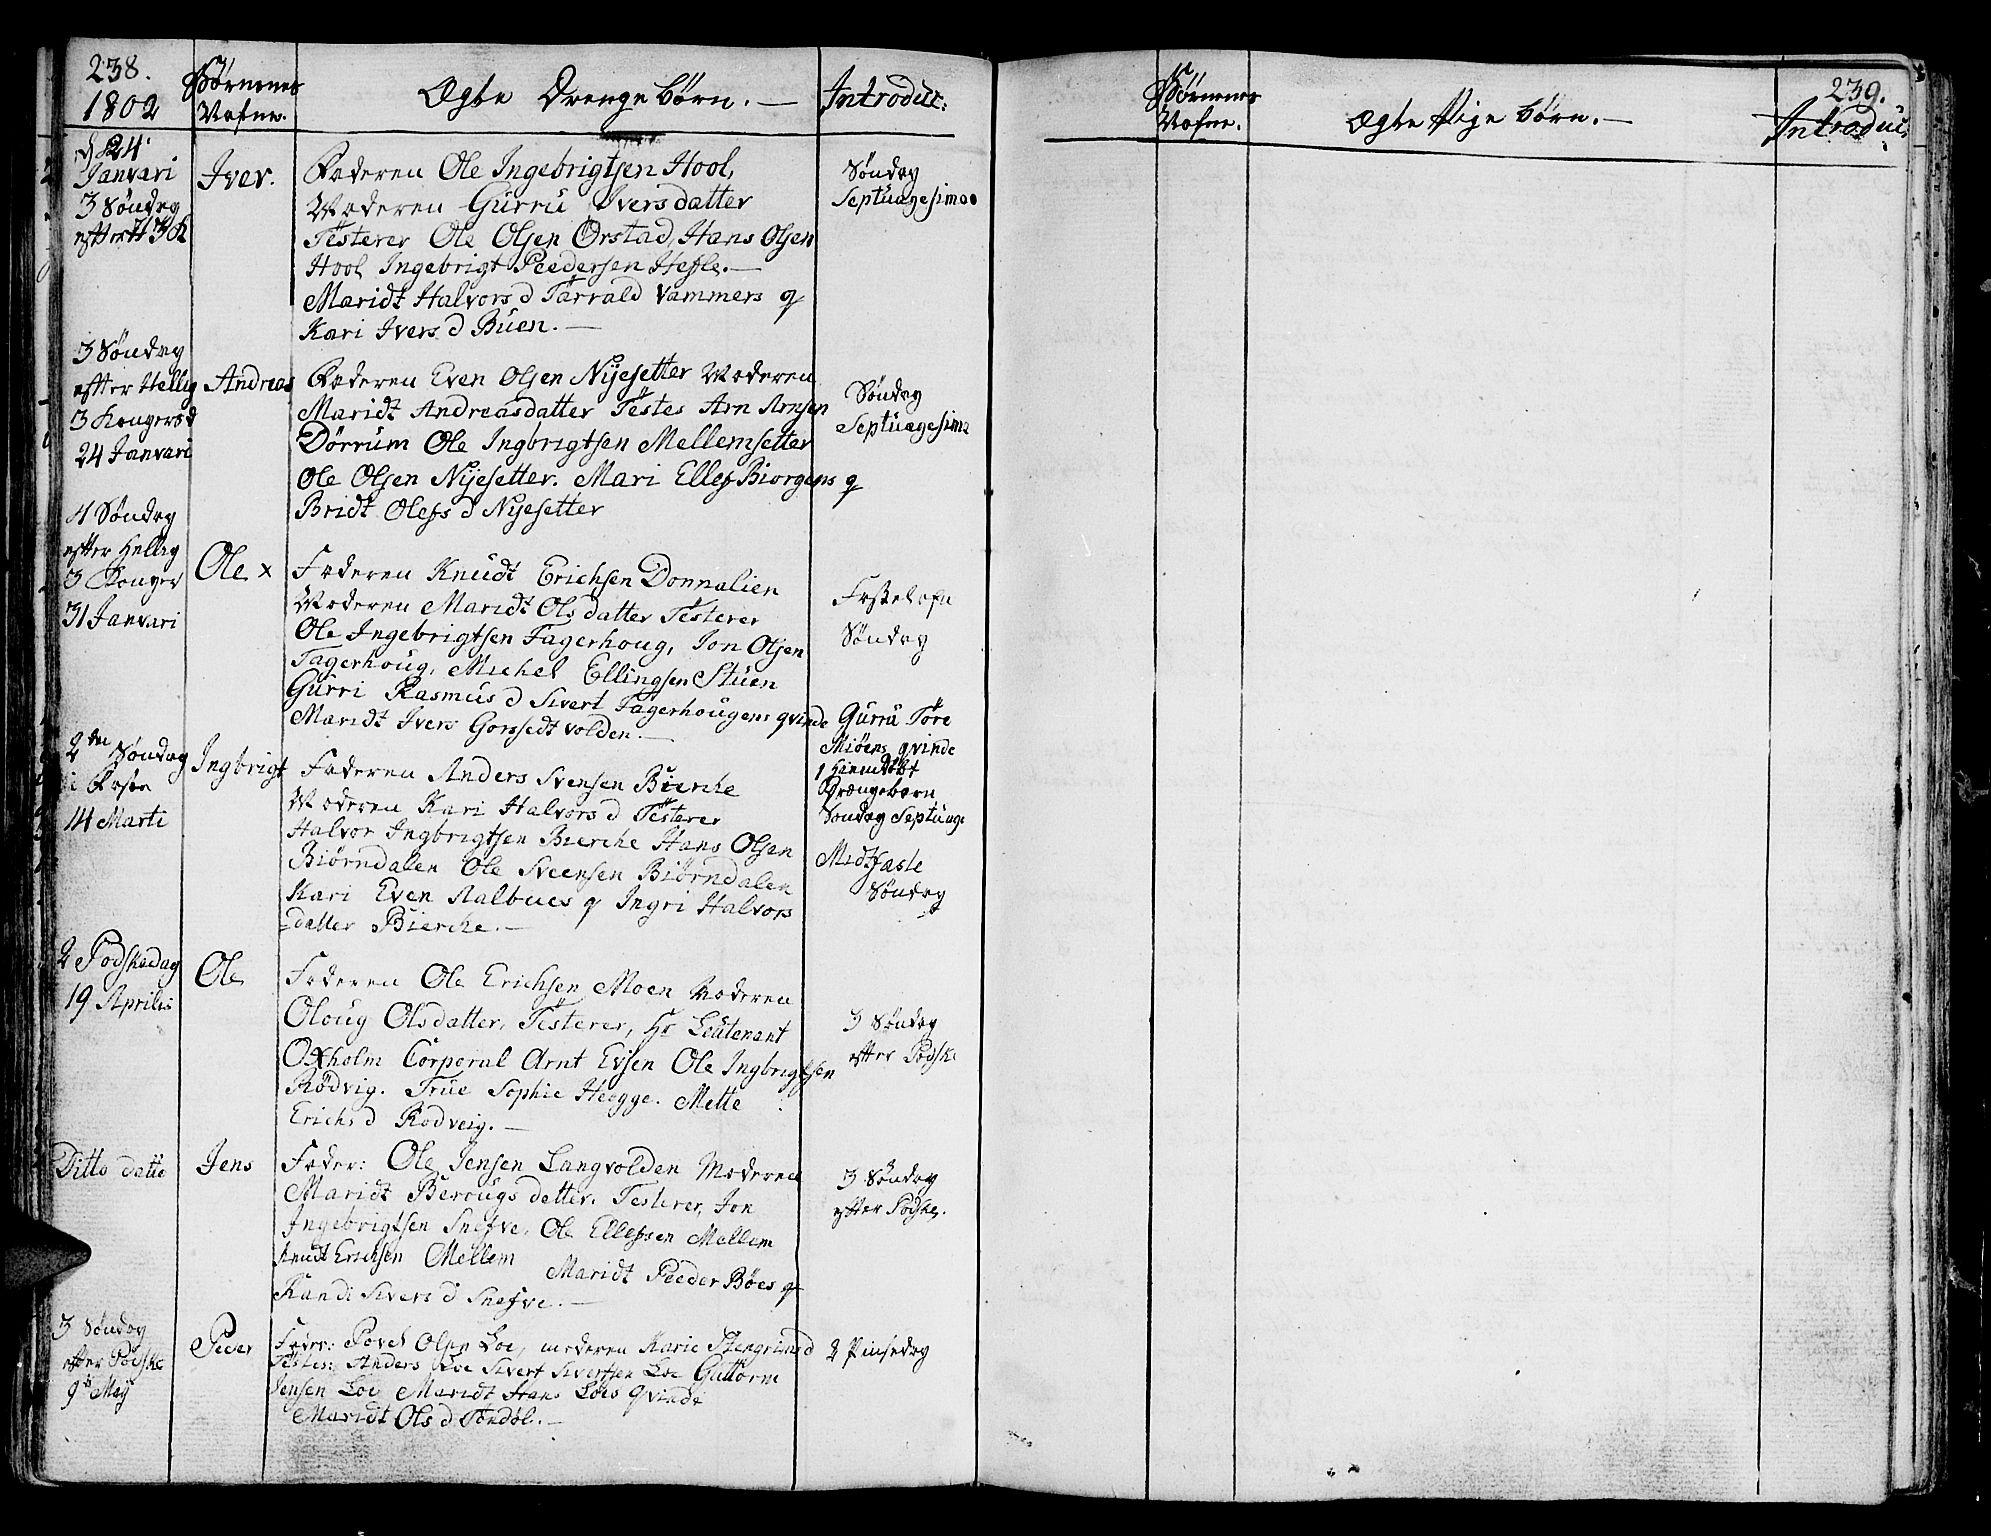 SAT, Ministerialprotokoller, klokkerbøker og fødselsregistre - Sør-Trøndelag, 678/L0893: Ministerialbok nr. 678A03, 1792-1805, s. 238-239